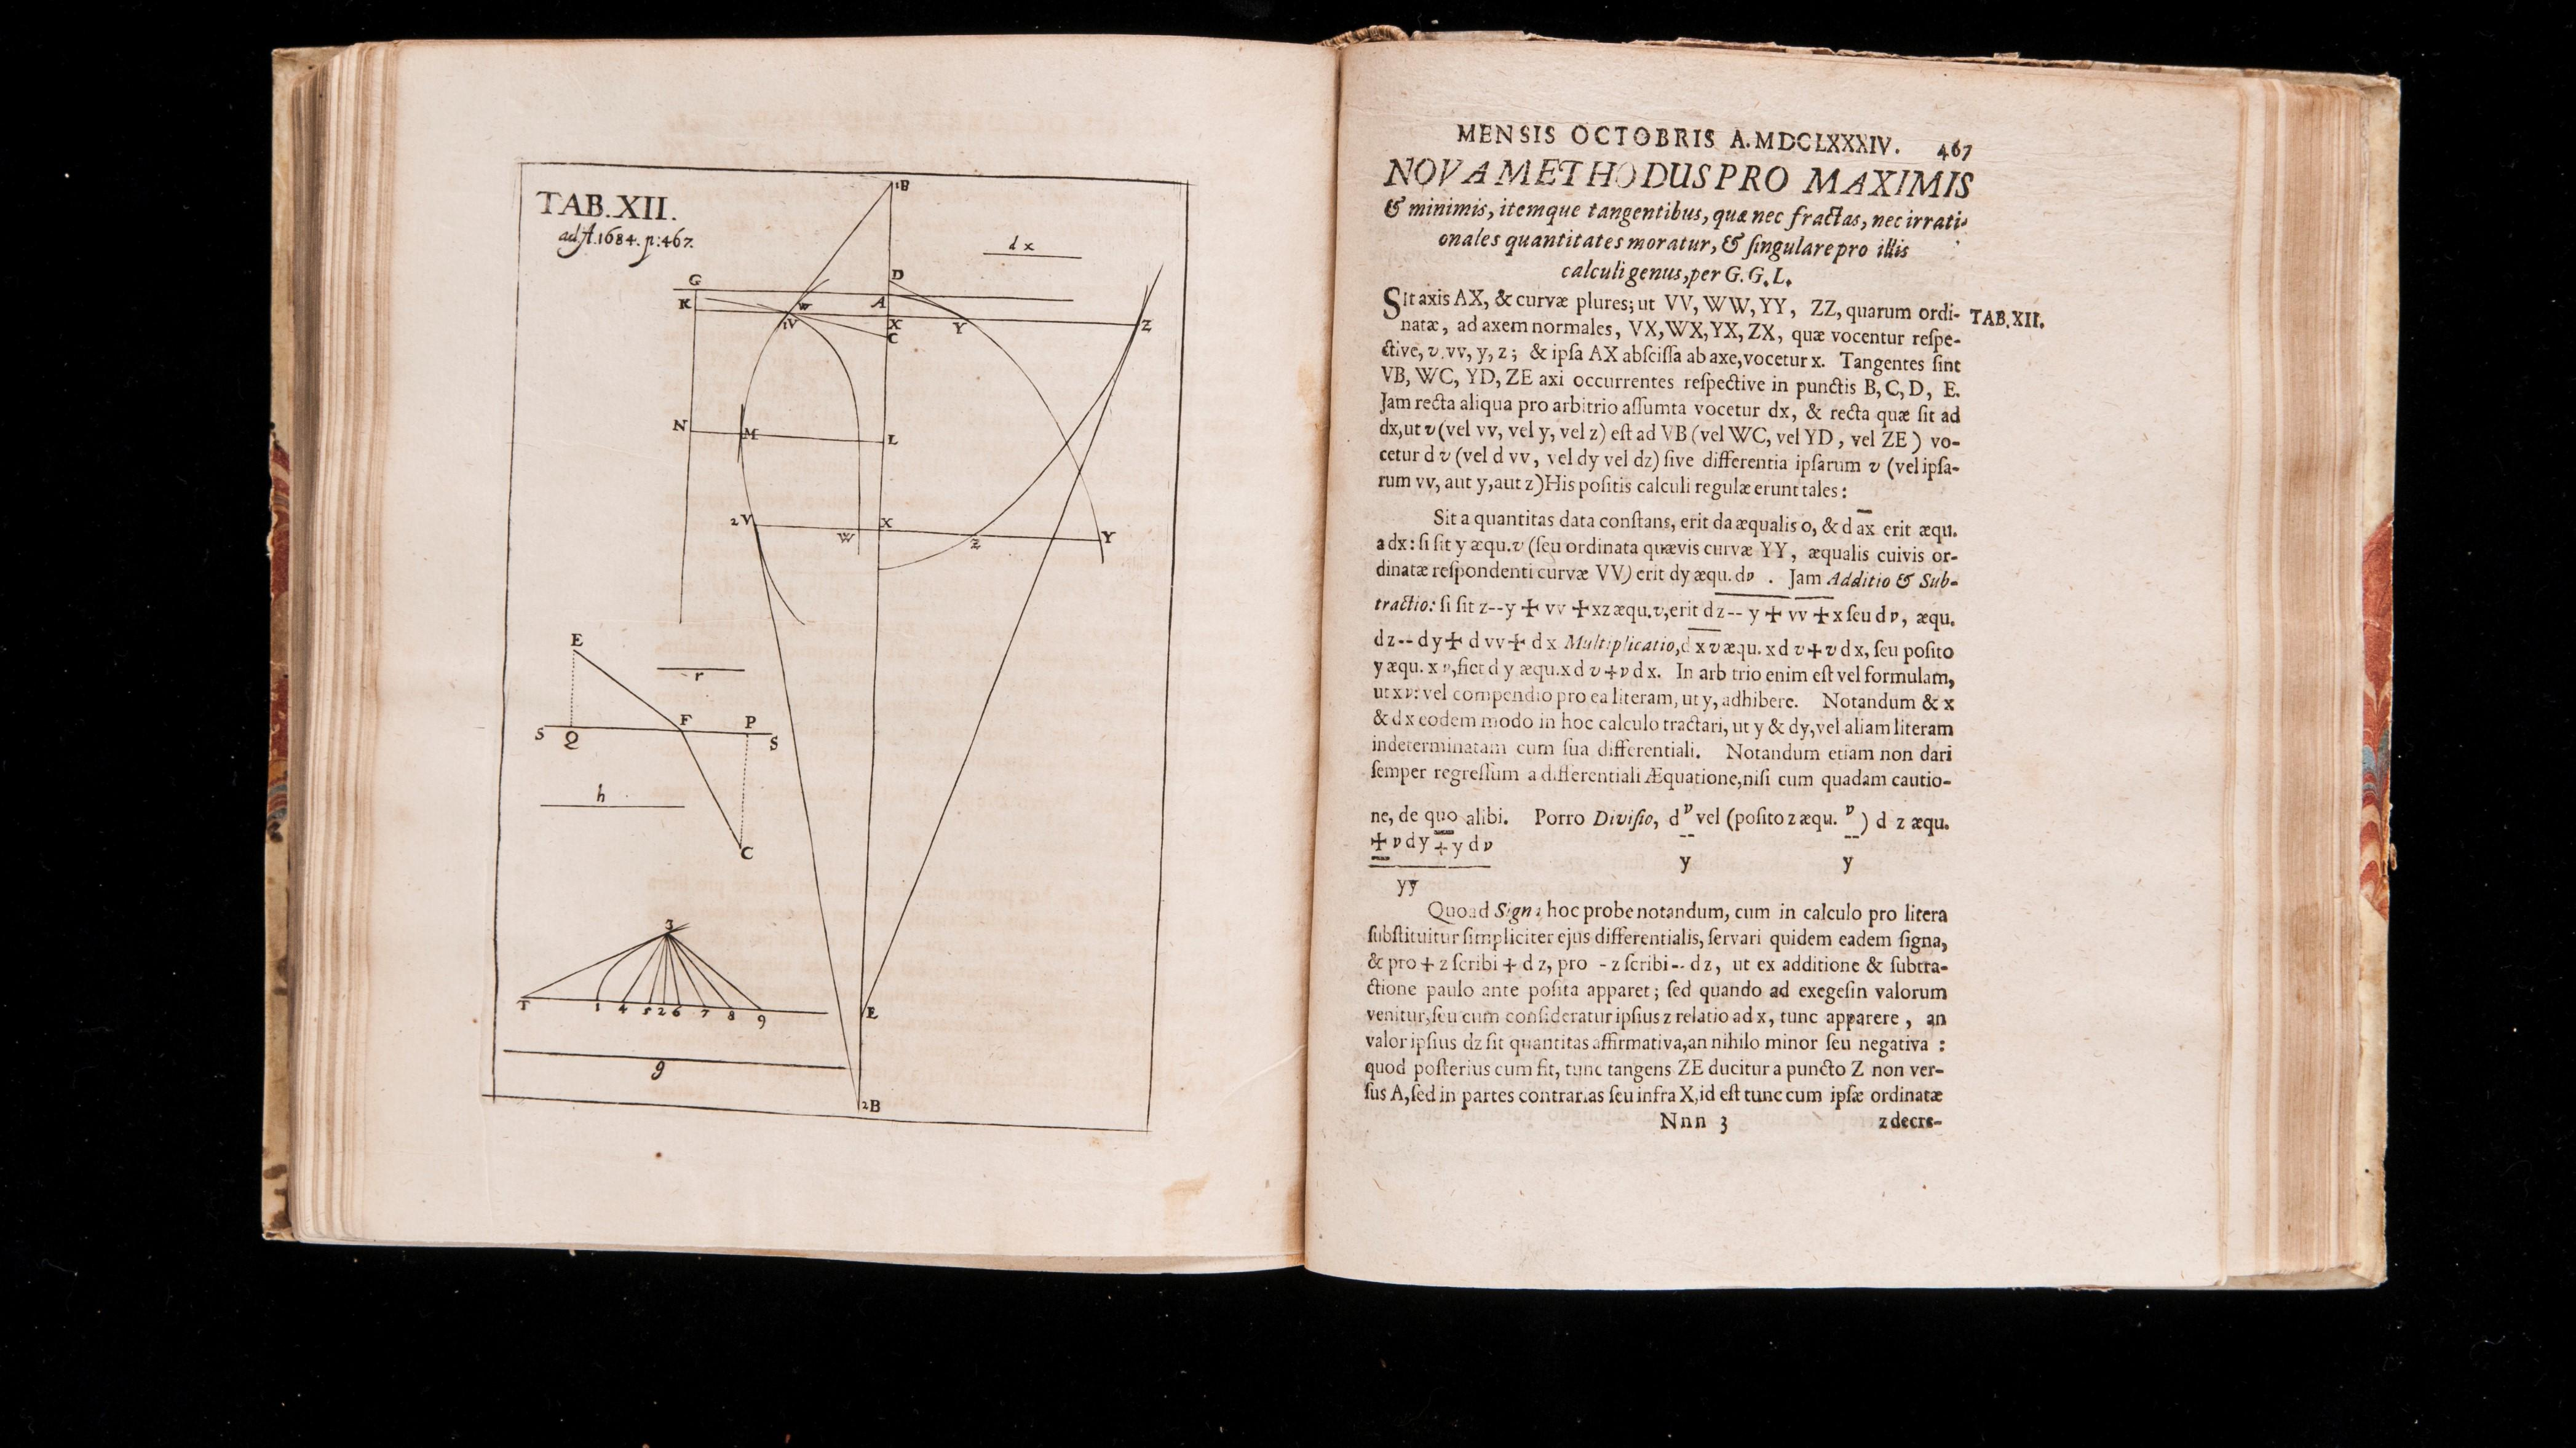 「原著から本質を学ぶ科学技術講座」第17回を開催。極大と極小に関する新しい方法発見までの経緯を紐解く